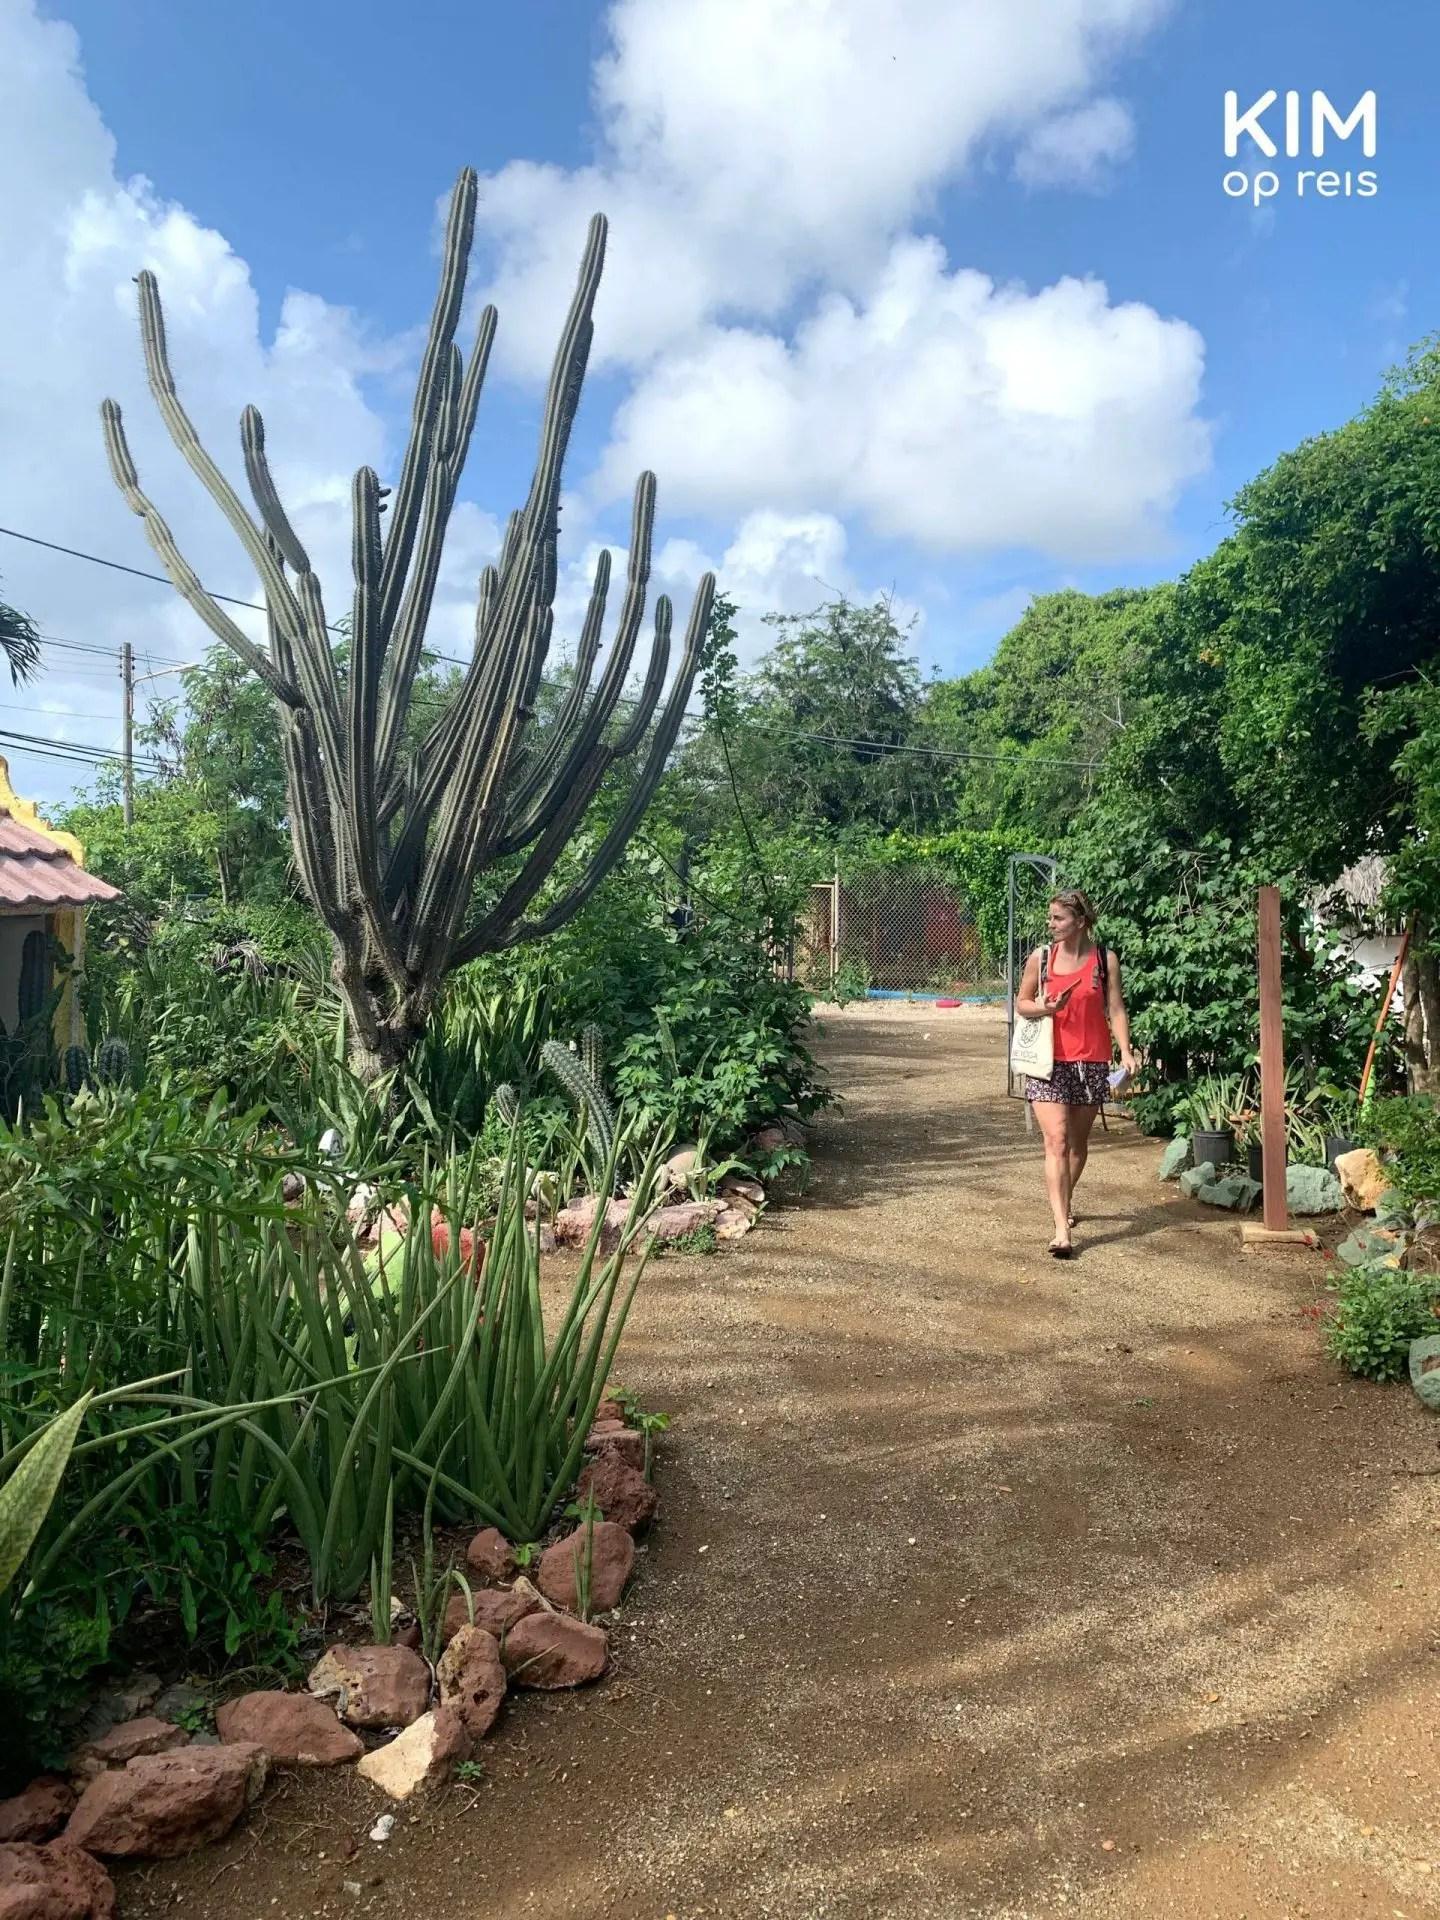 Kruidentuin Den Paradera Curaçao: vrouw wandelt langs een grote cactus